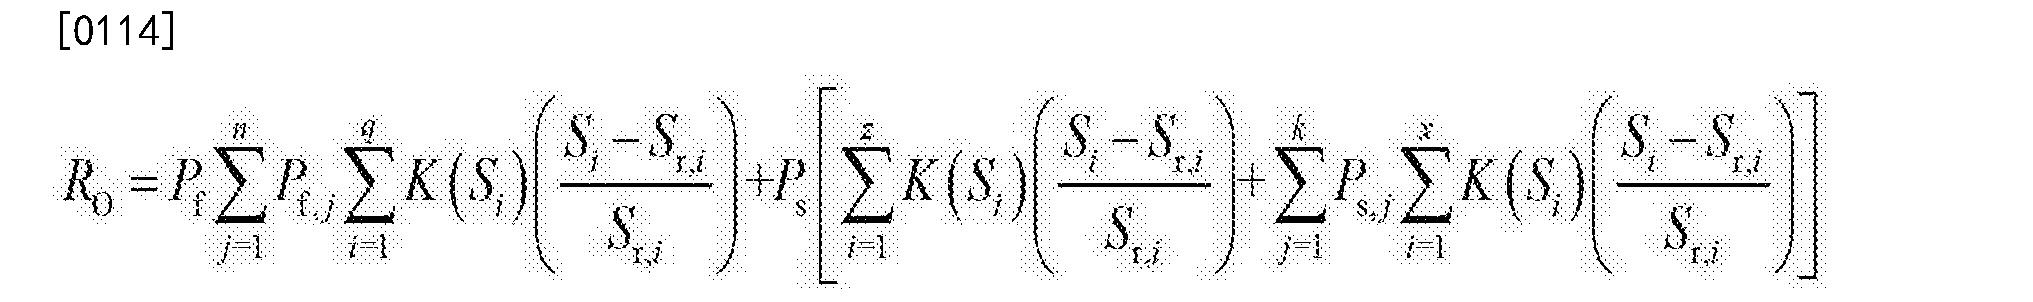 Figure CN103218754BD00132